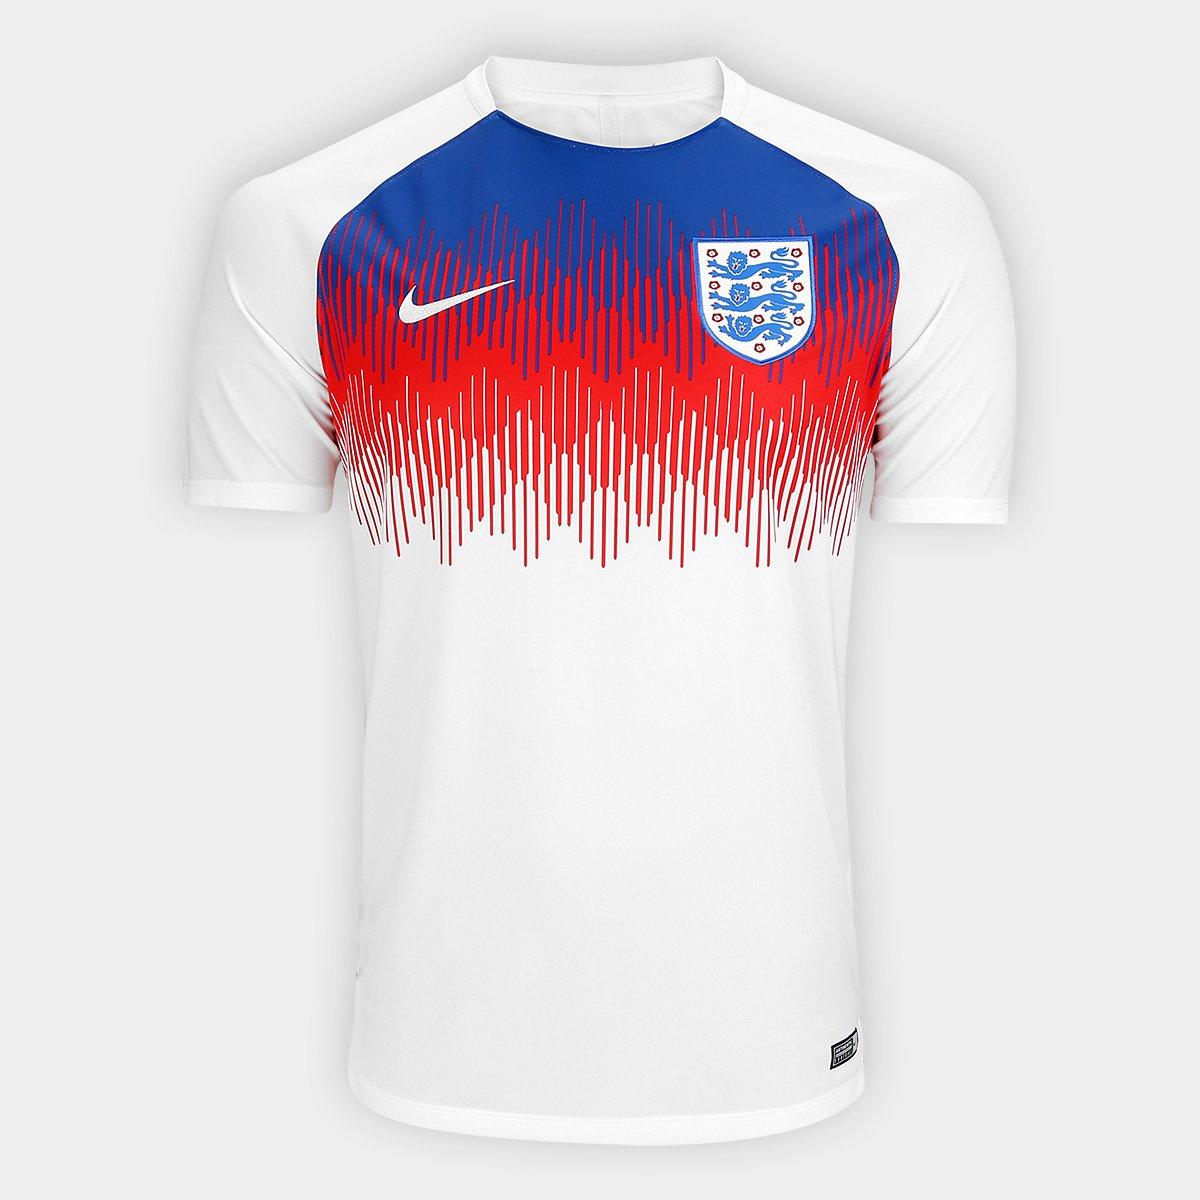 6d0f7f863fed0 Camisa Seleção Inglaterra Dry Squad Nike Masculina - Compre Agora ...